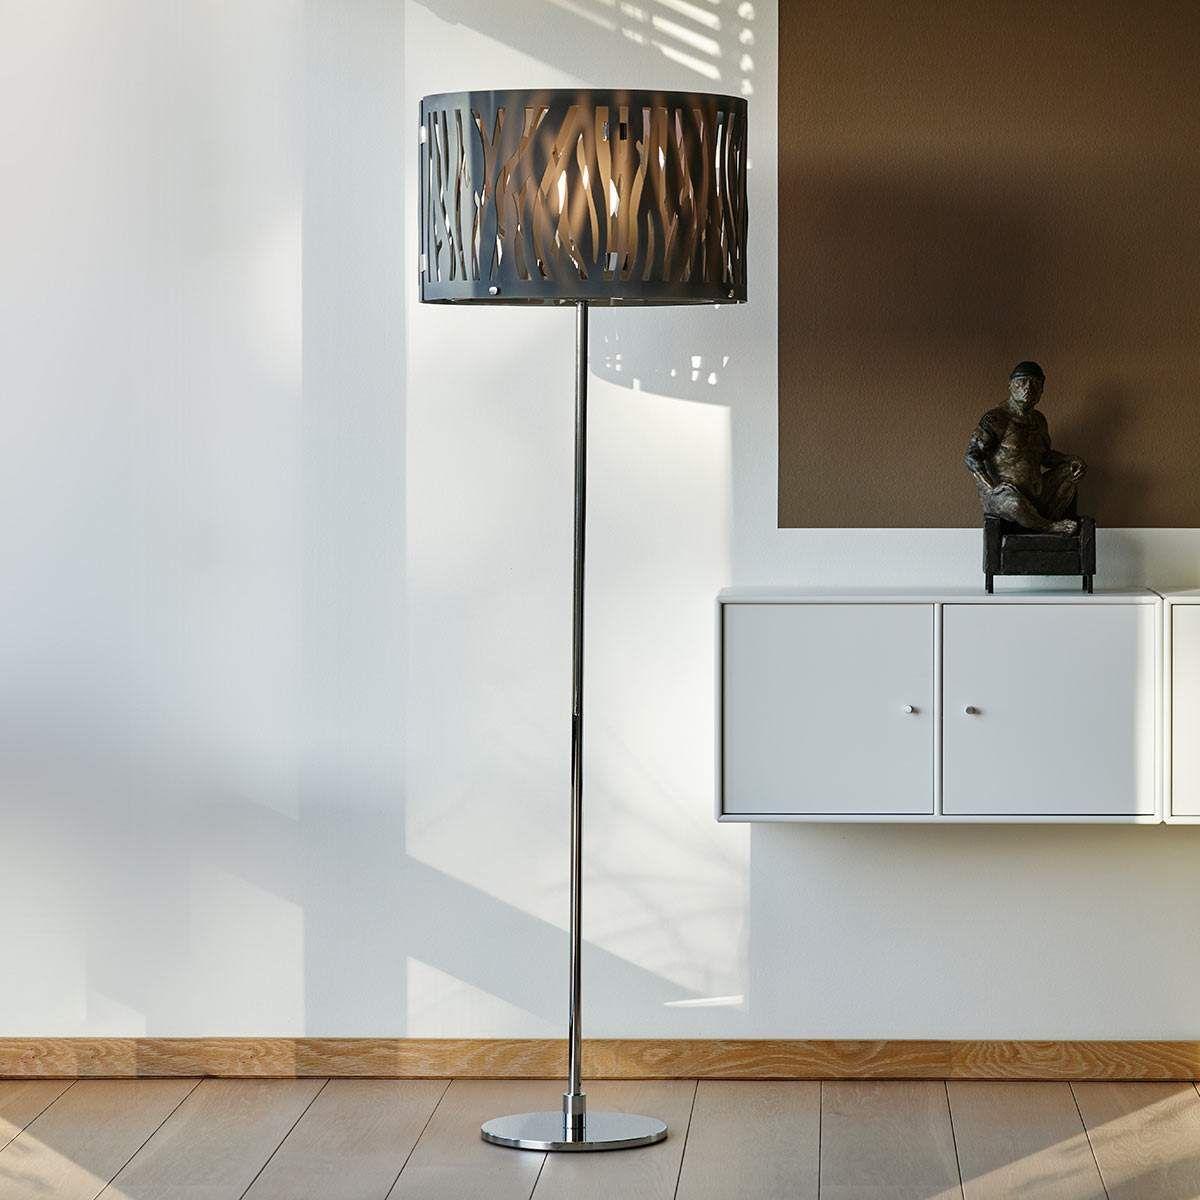 Full Size of Stehlampen Modern Stehlampe Brauner Schirm Rattan Stehleuchte Retro Bett Design Küche Holz Moderne Duschen Tapete Bilder Fürs Wohnzimmer Deckenleuchte Wohnzimmer Stehlampen Modern